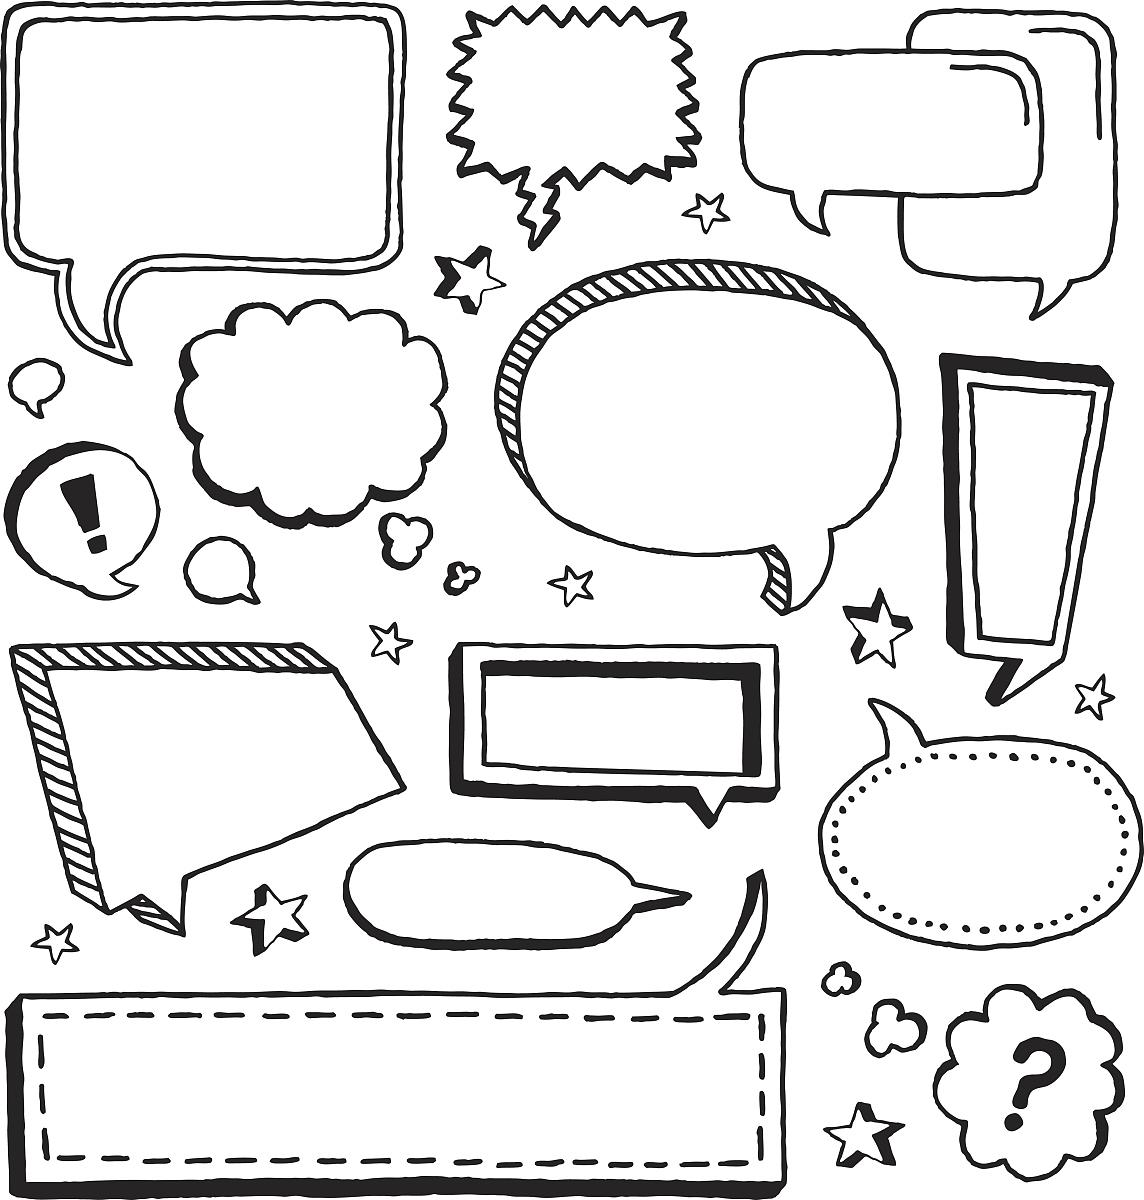 黑白图片,铅笔画,矢量,草图,感叹号,卡通,儿童画,绘画插图,问号,插画图片